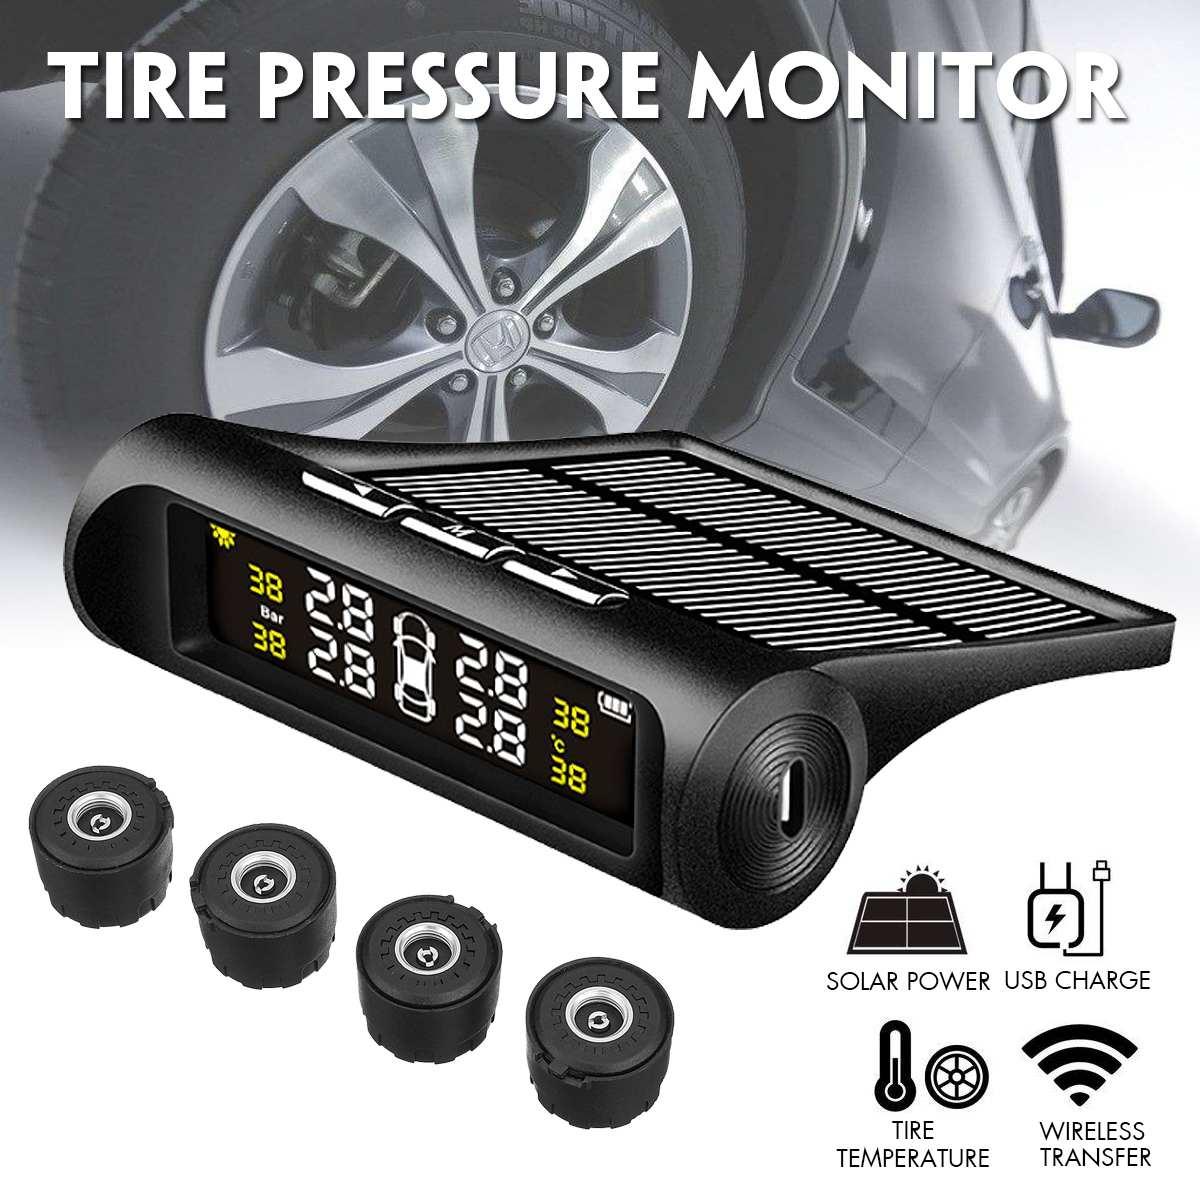 자동차 태양 무선 TPMS 타이어 타이어 압력 모니터 시스템 LCD + 4 외부 자동차 센서 자동차 트럭 타이어 방수 IP67 모니터